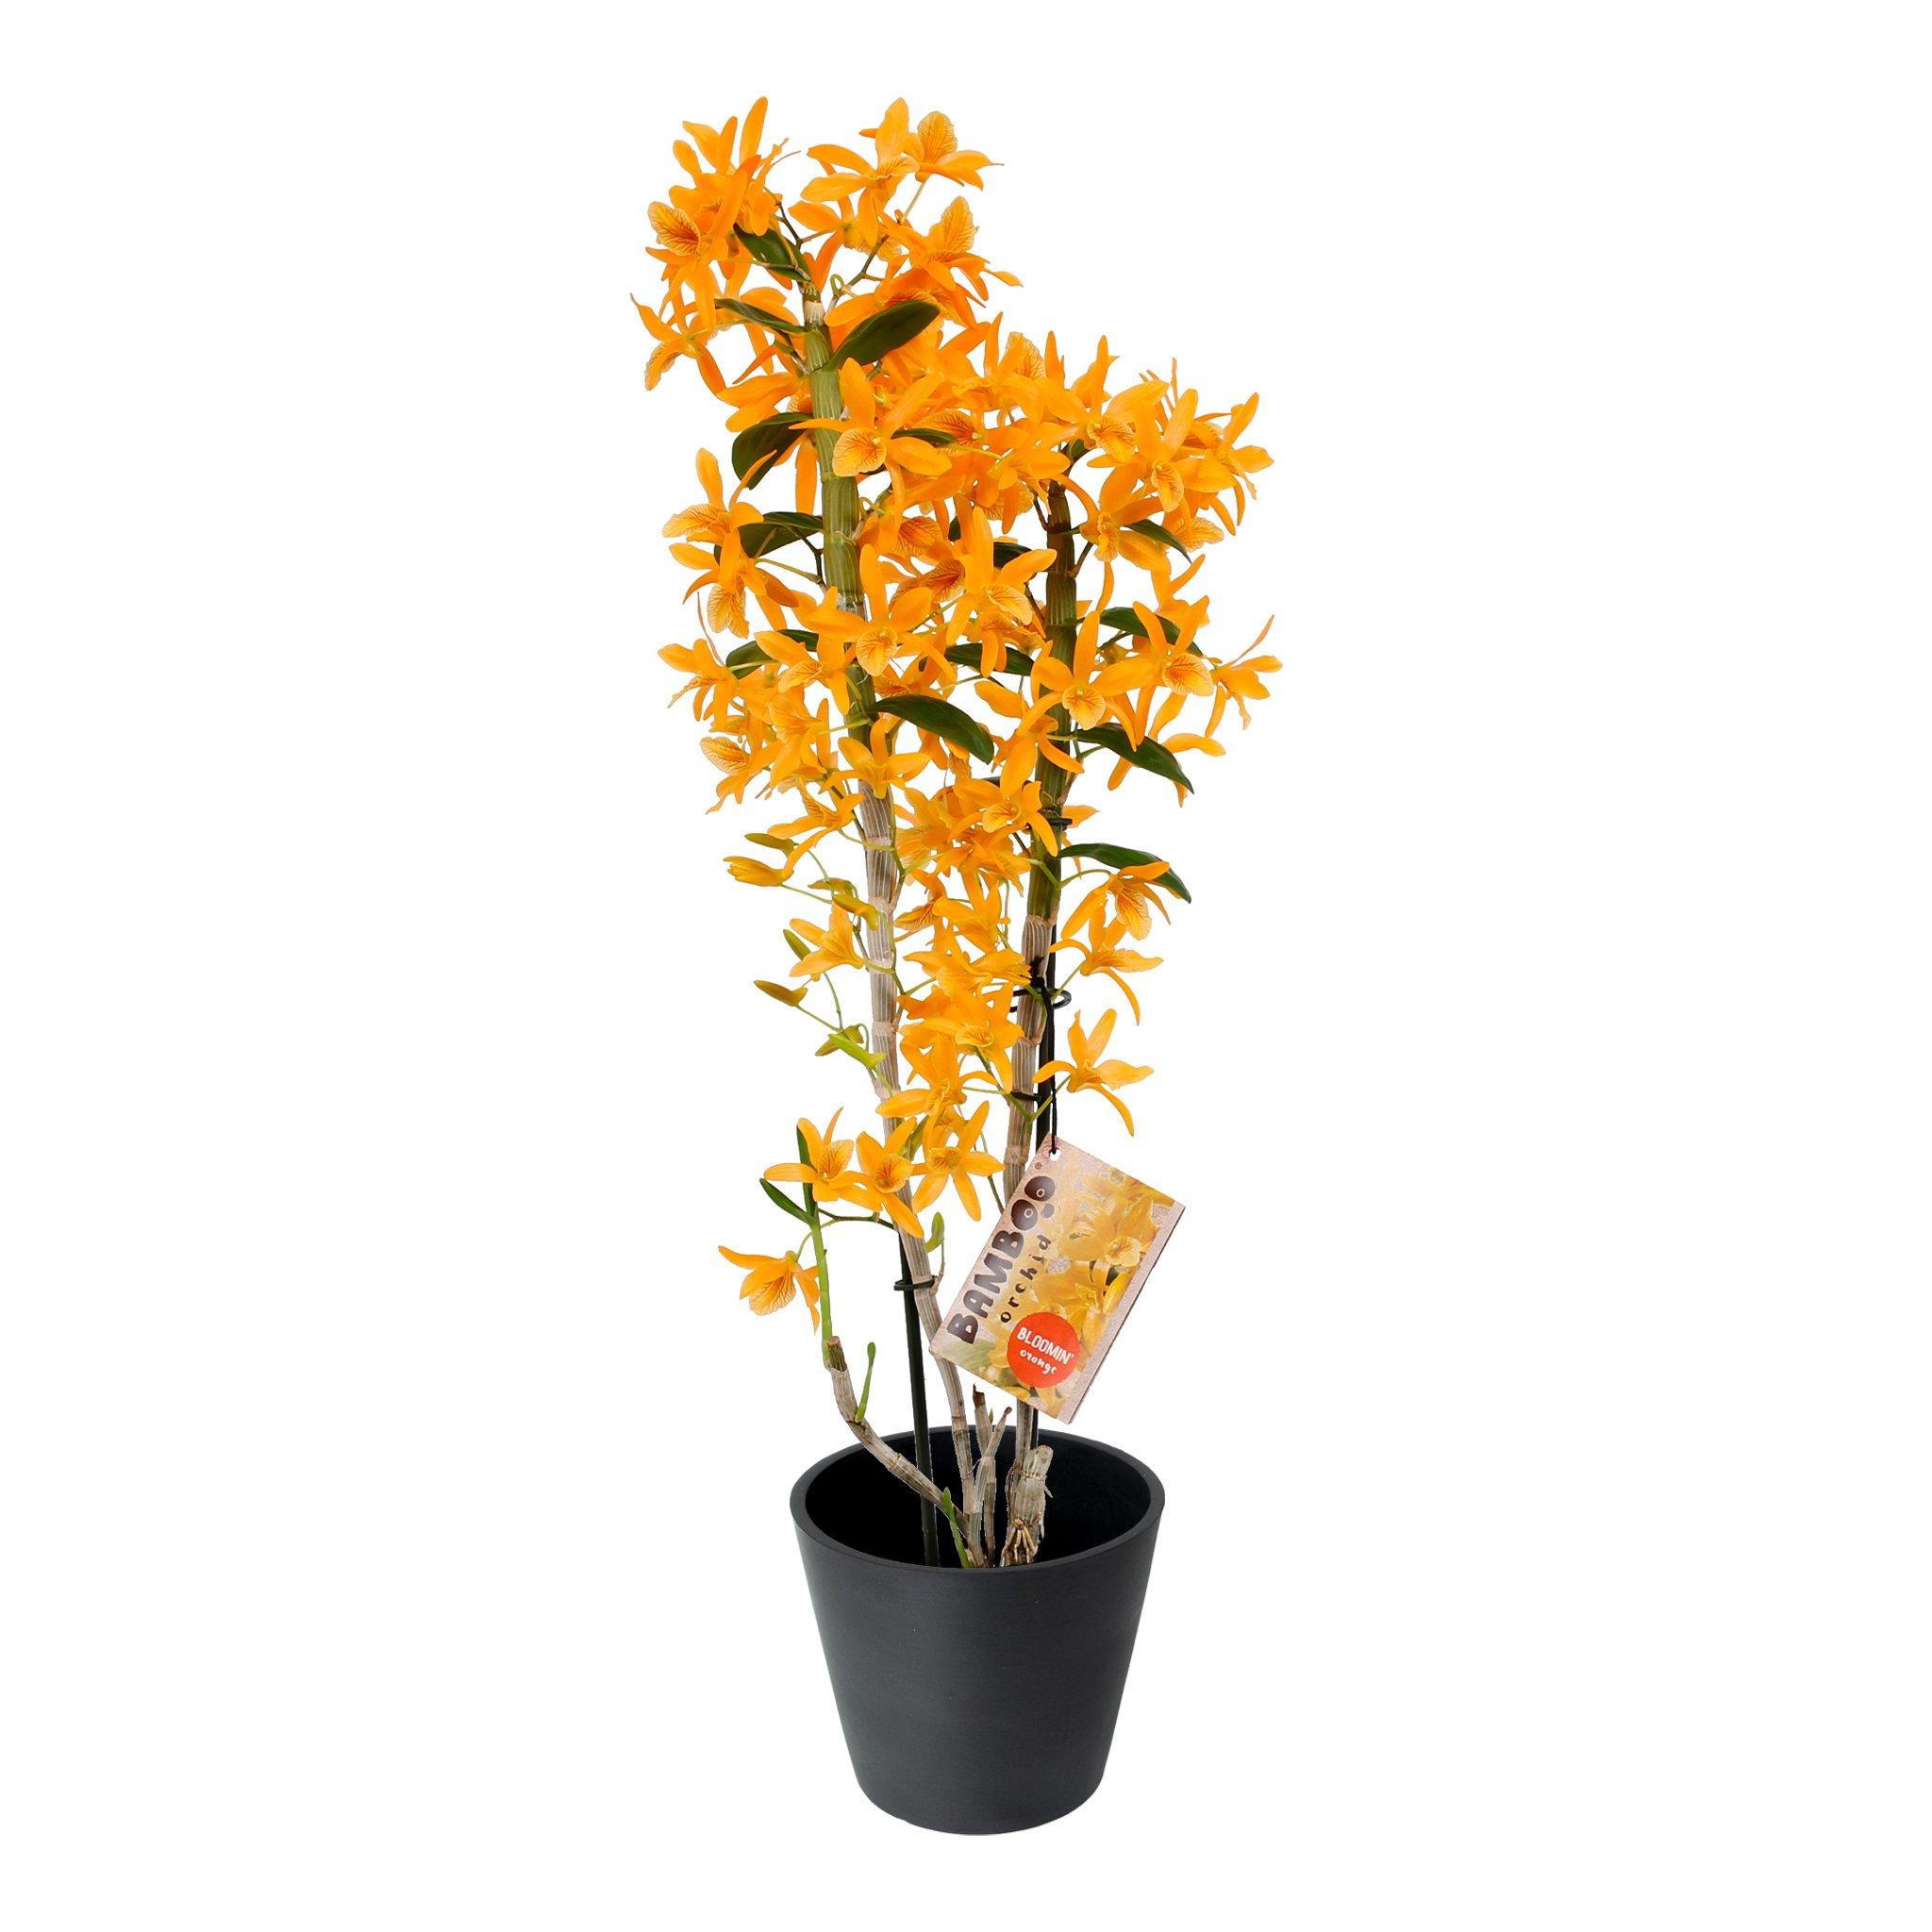 Plante d'intérieur - Orchidée Bambou orange de 50cm en pot noir